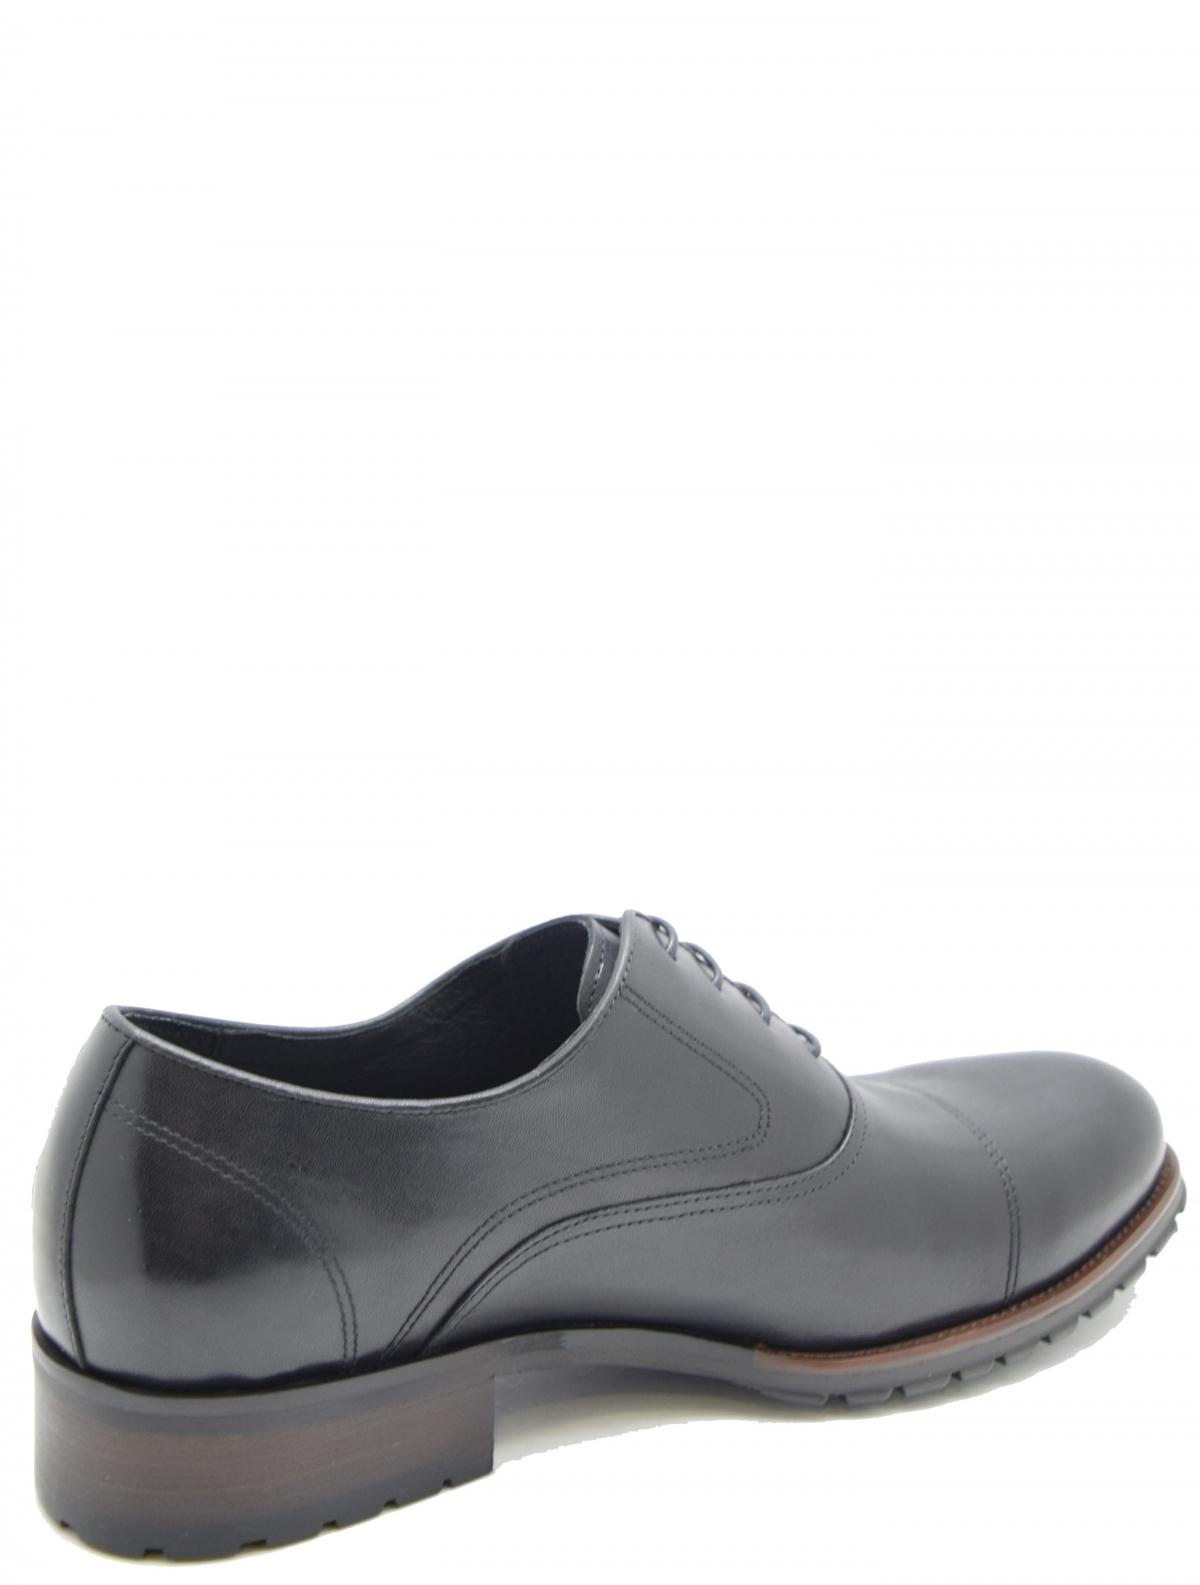 Roscote A186-D9-SW3-T1840 мужские туфли